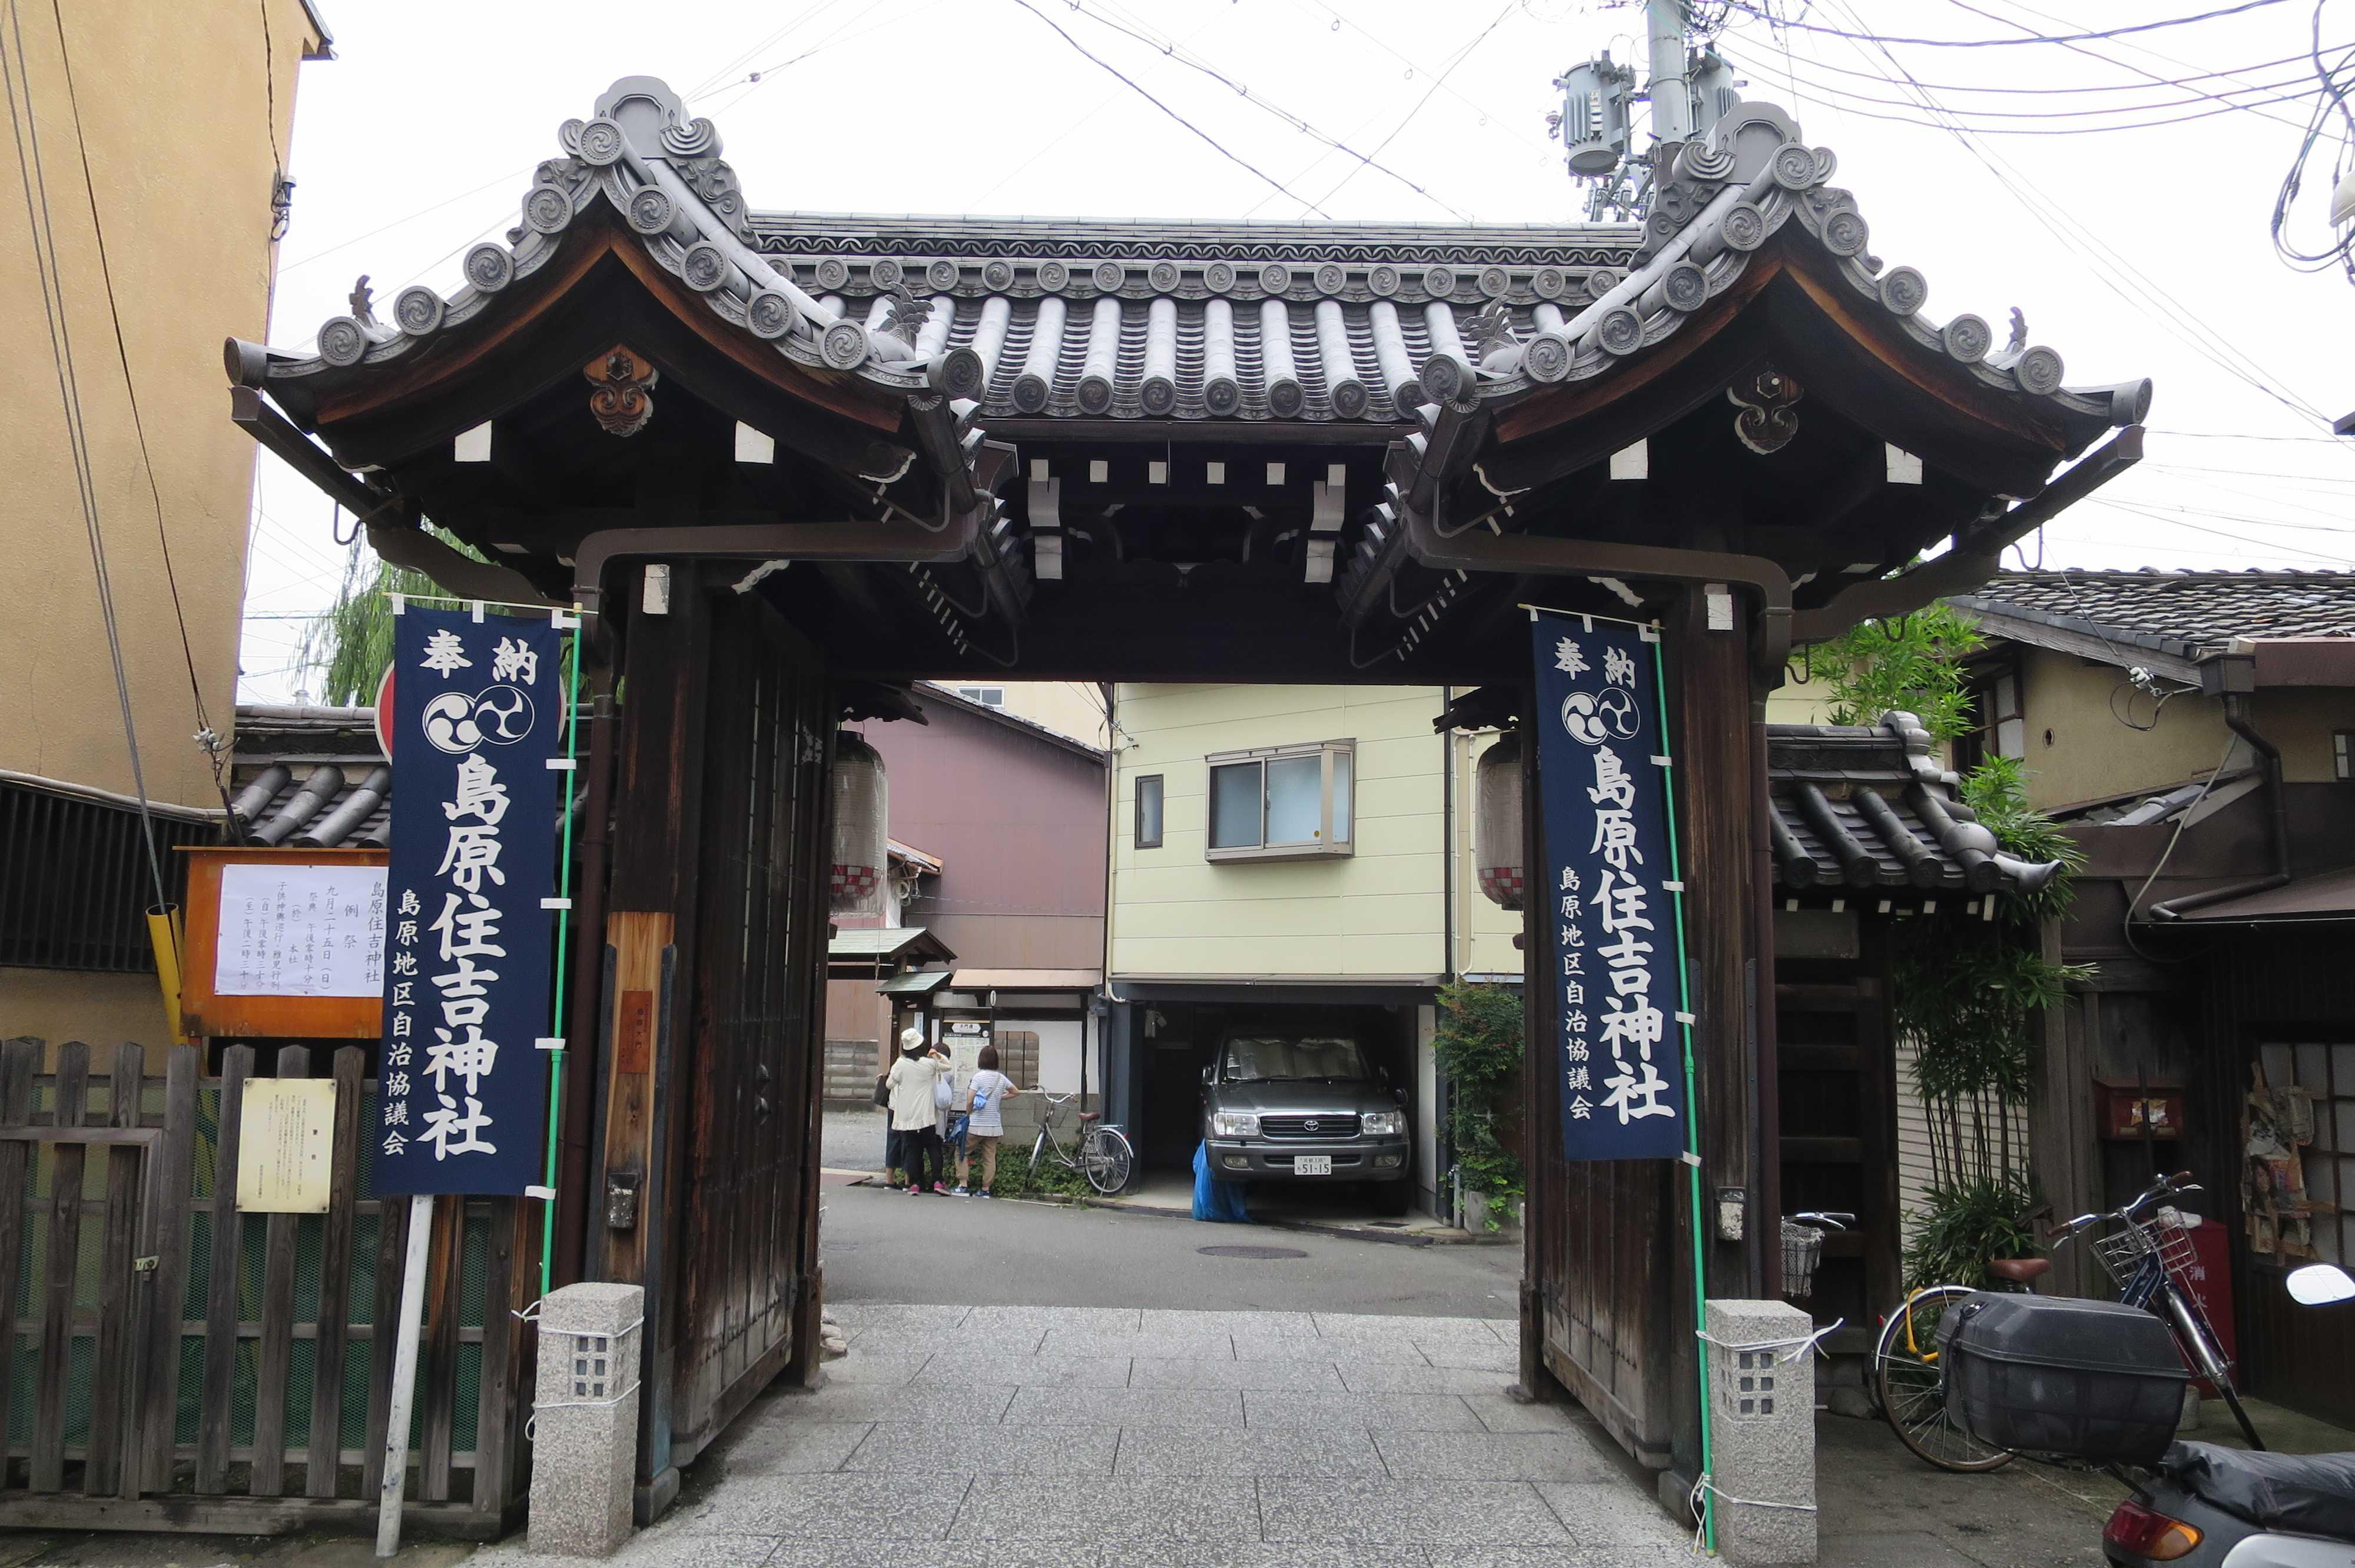 京都 - 島原大門(島原の内側から見た大門)